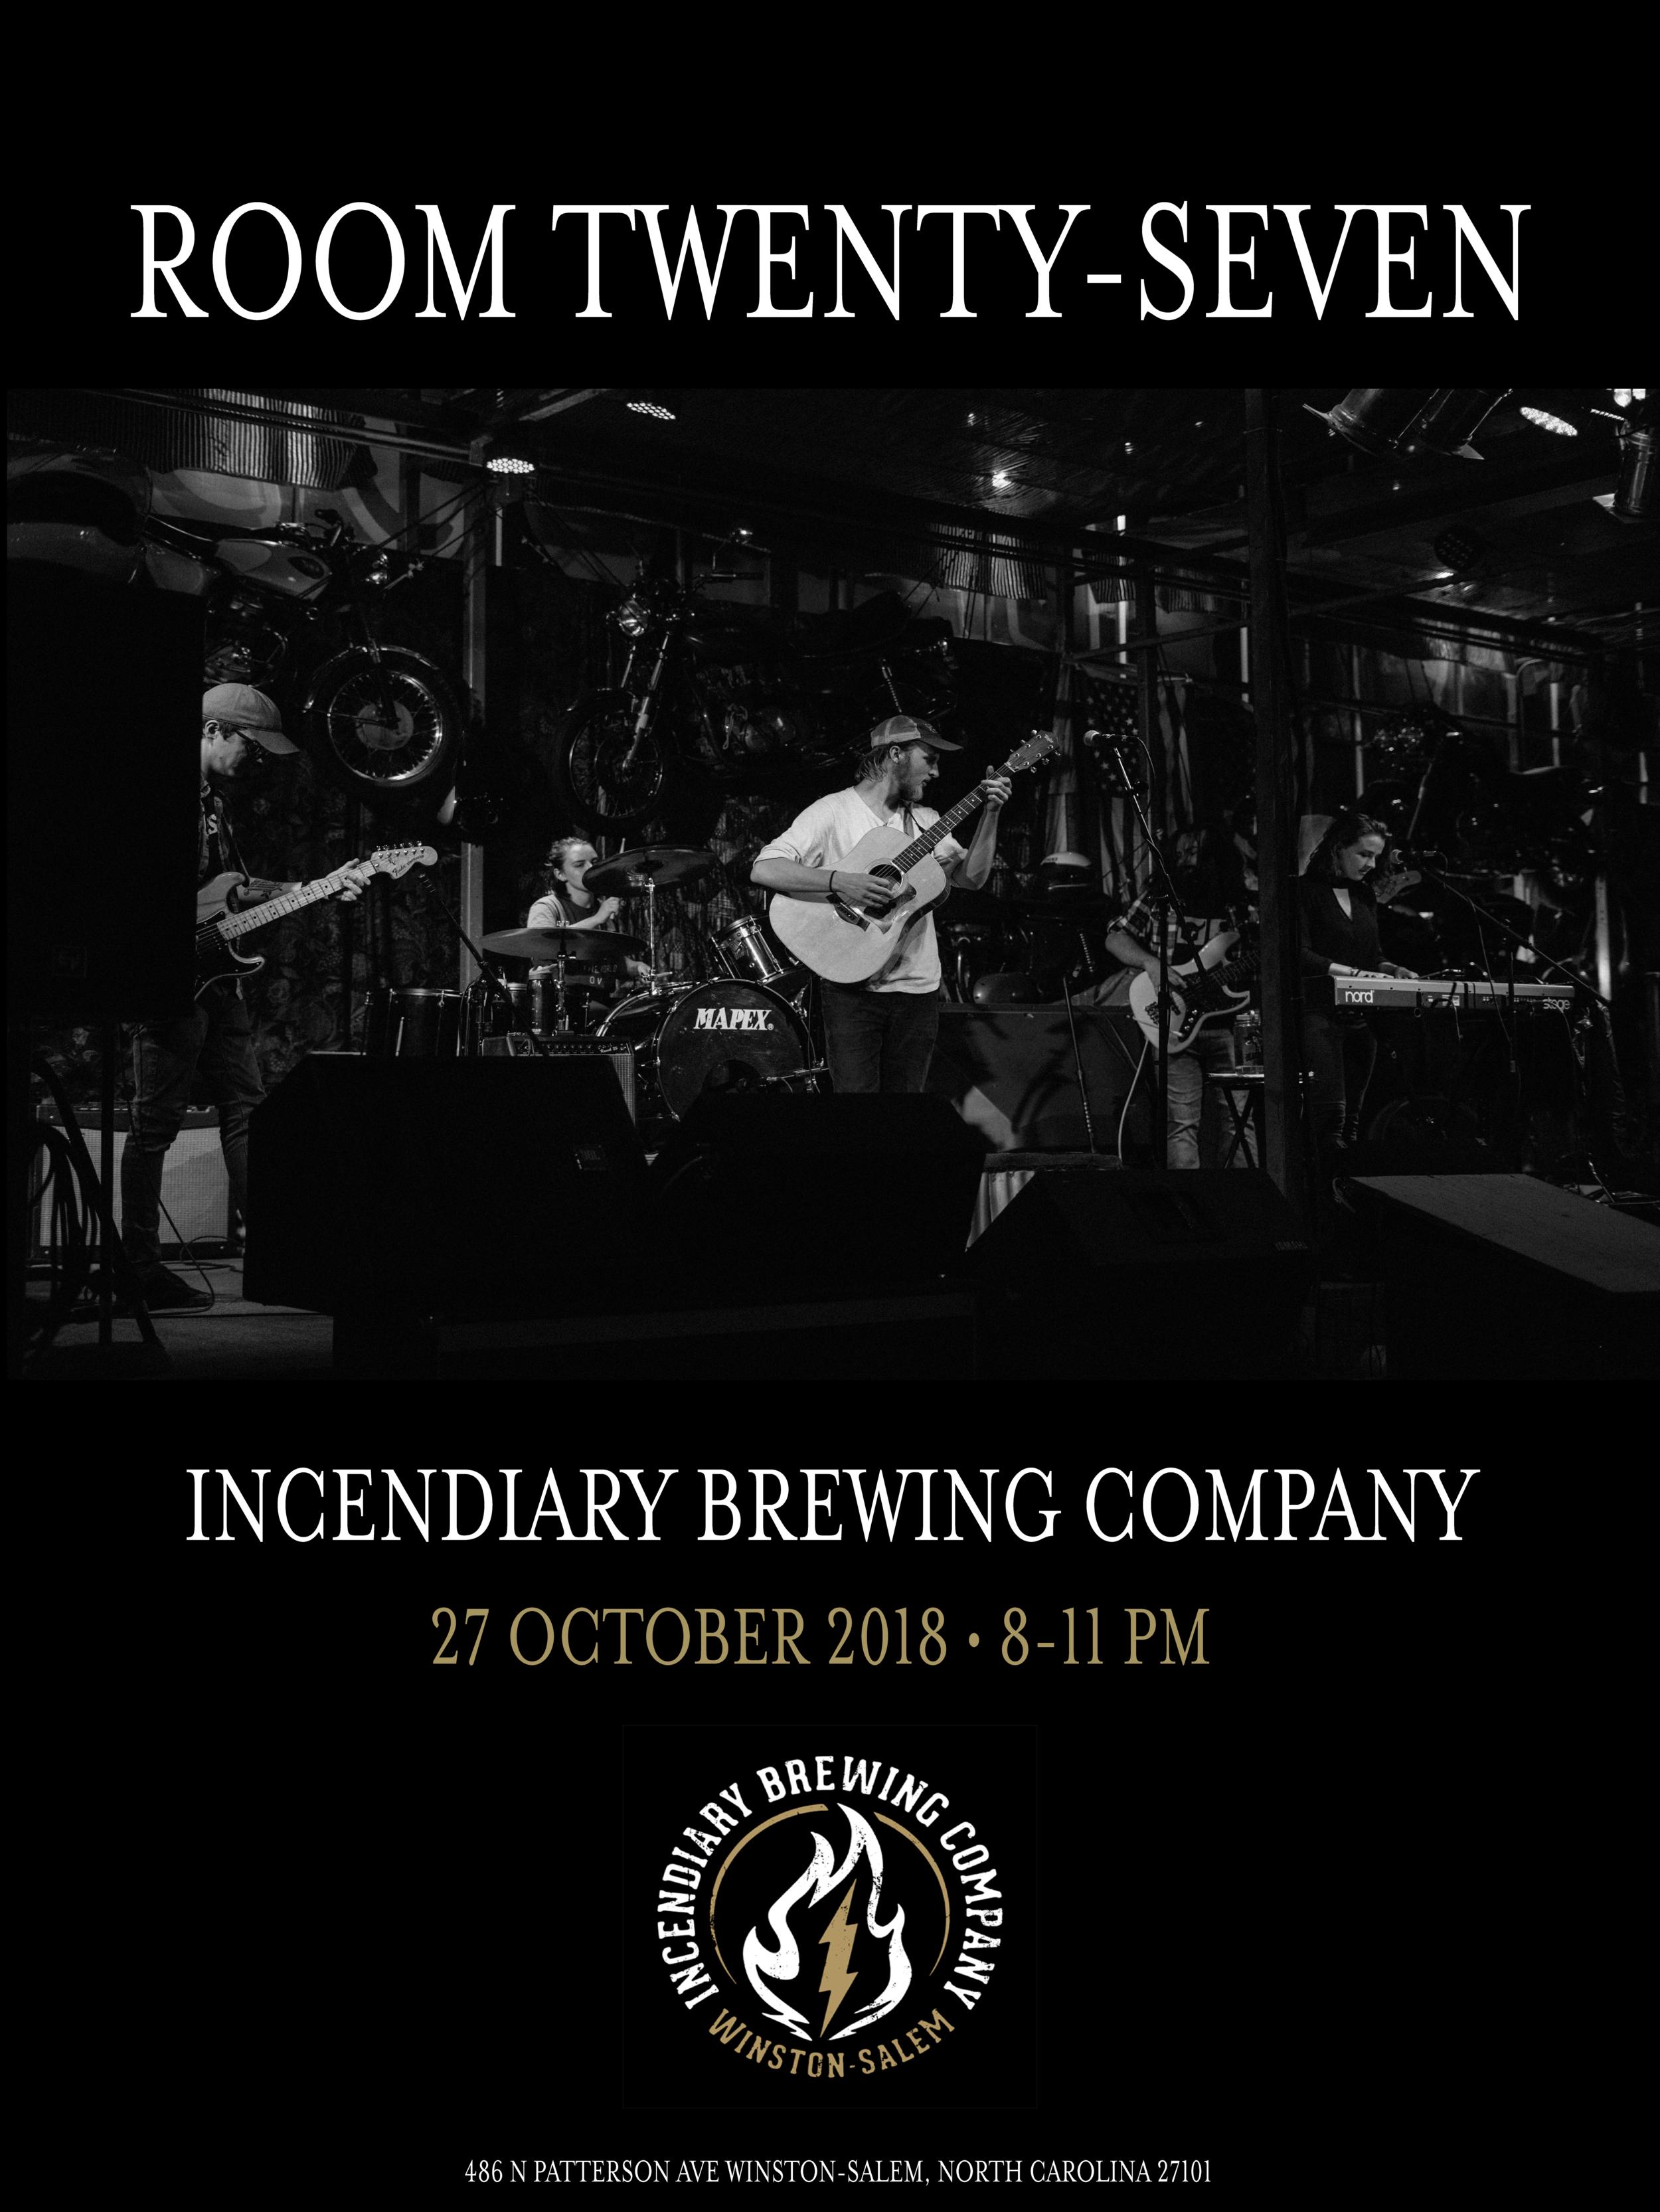 Room Twenty Seven 28 Oct Poster #2.png